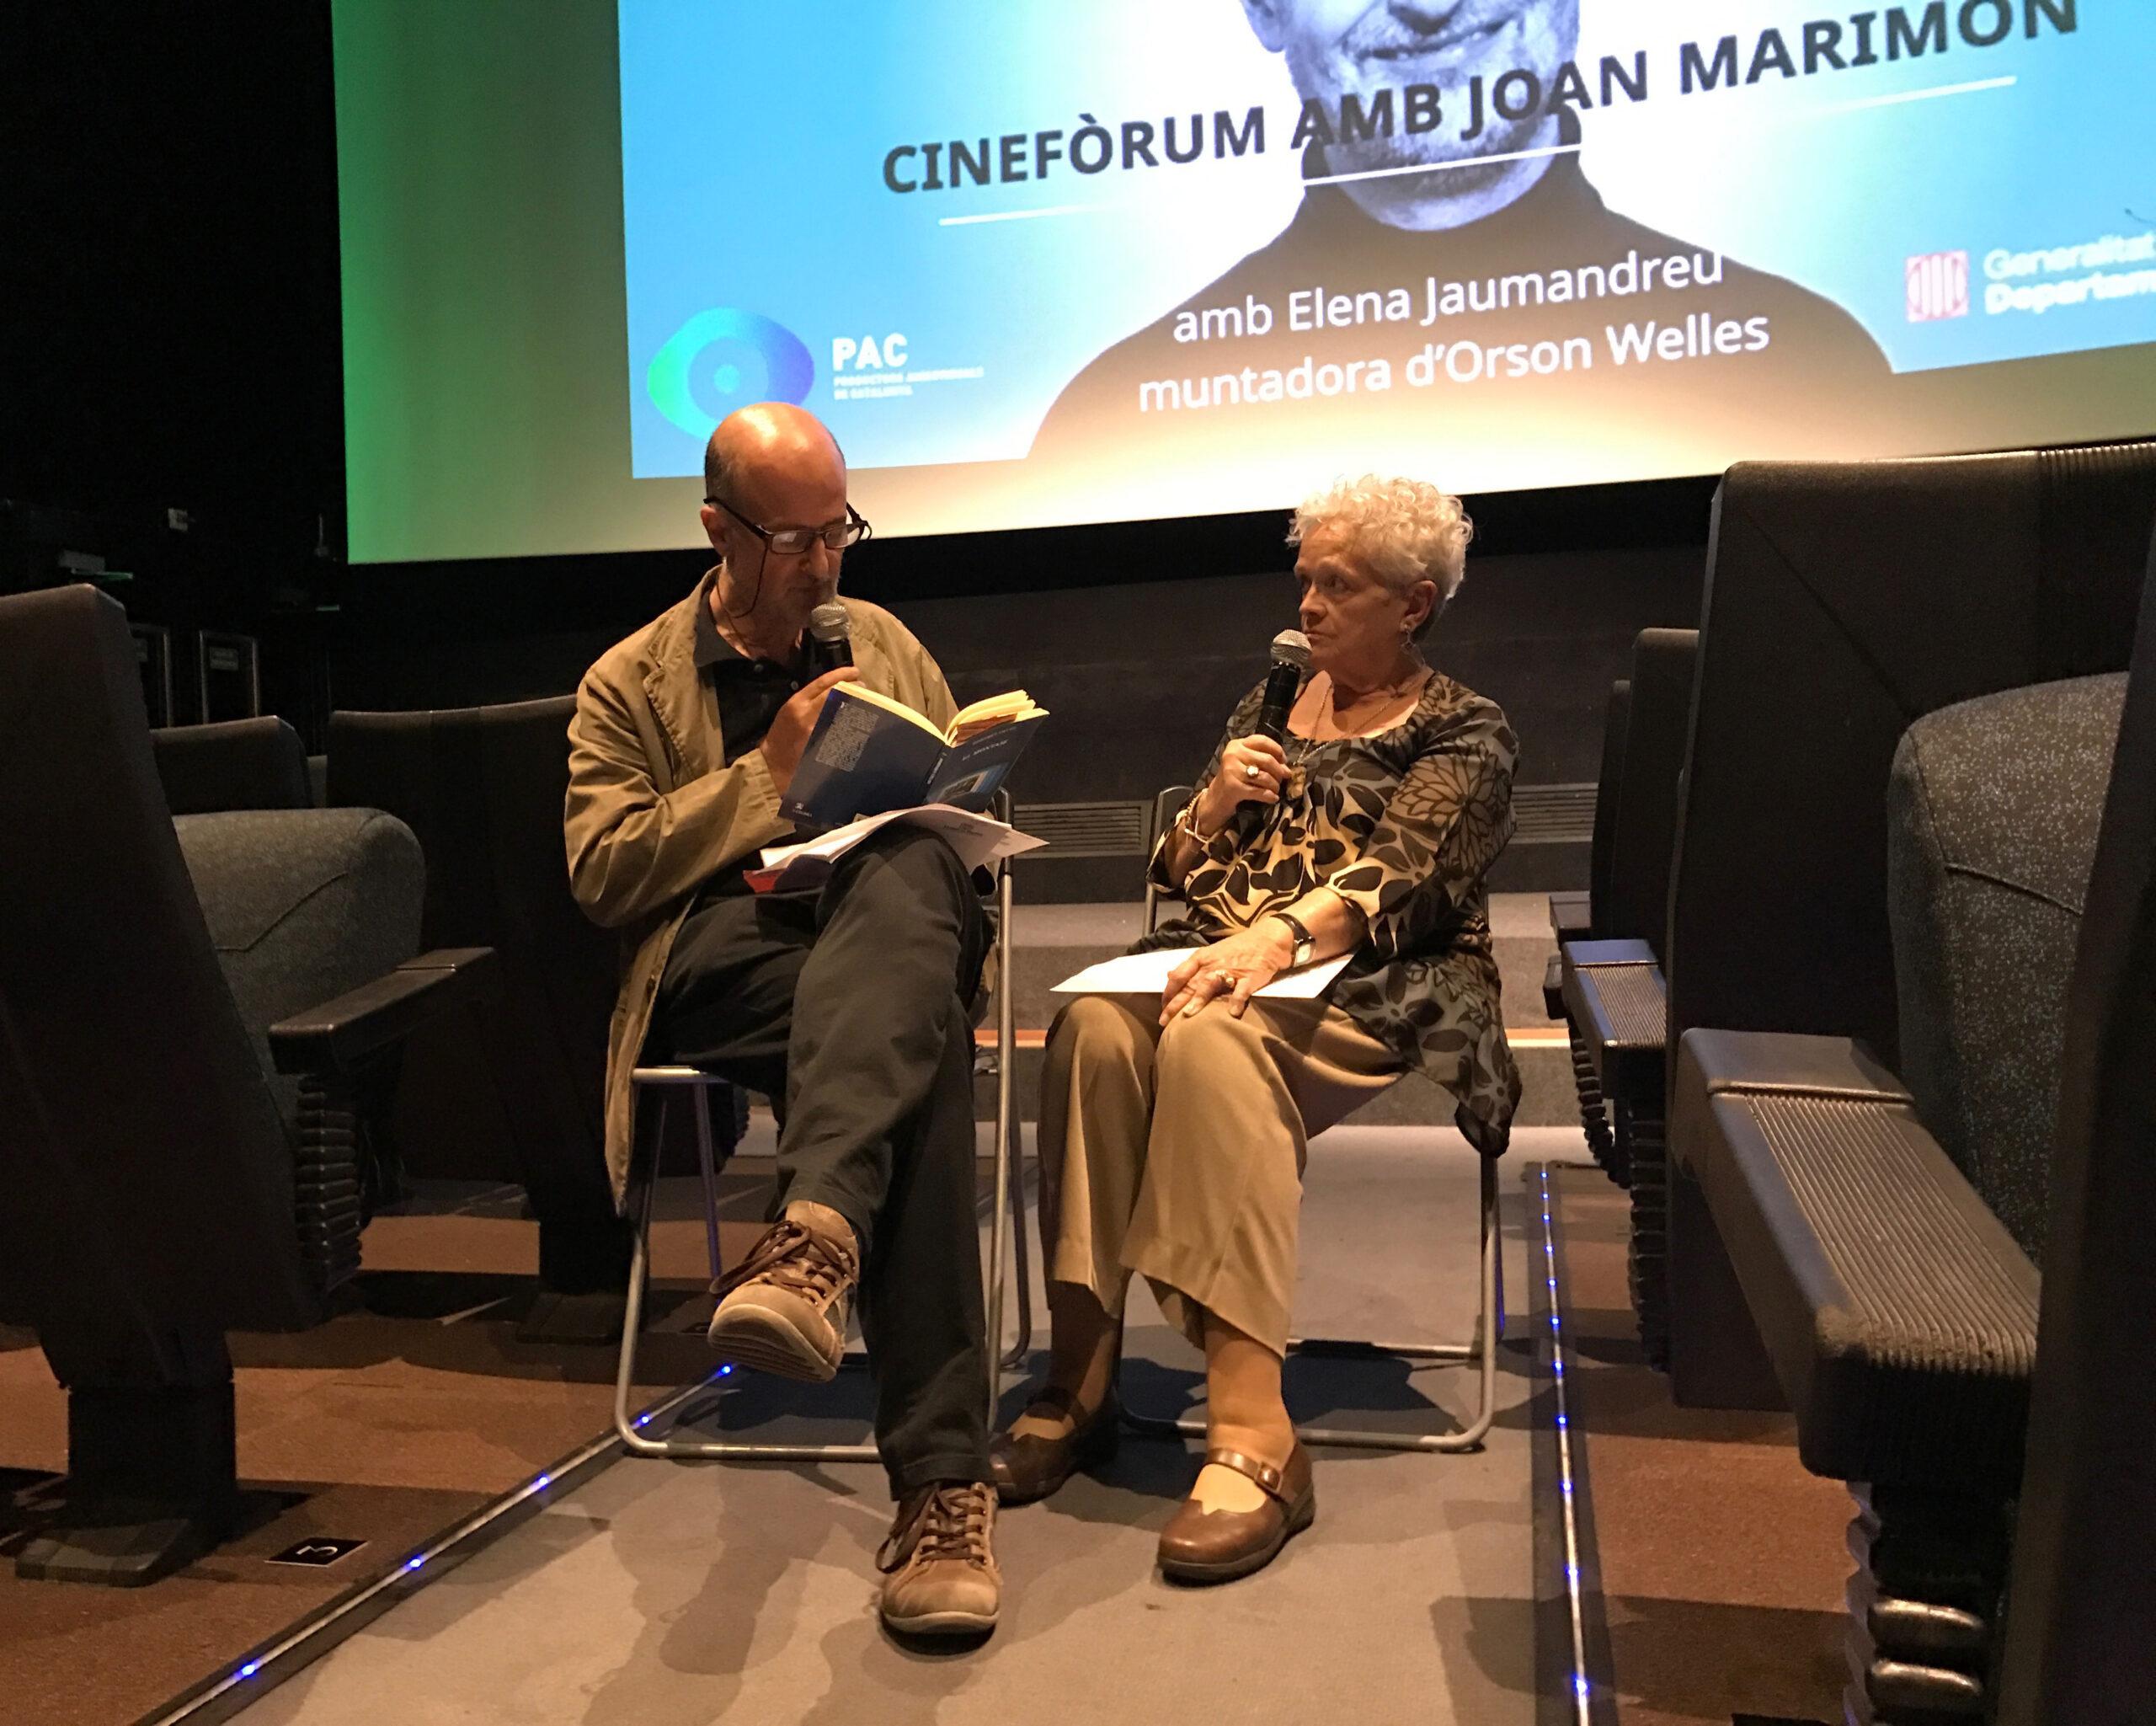 Joan Marimón i Elena Jaumandreu